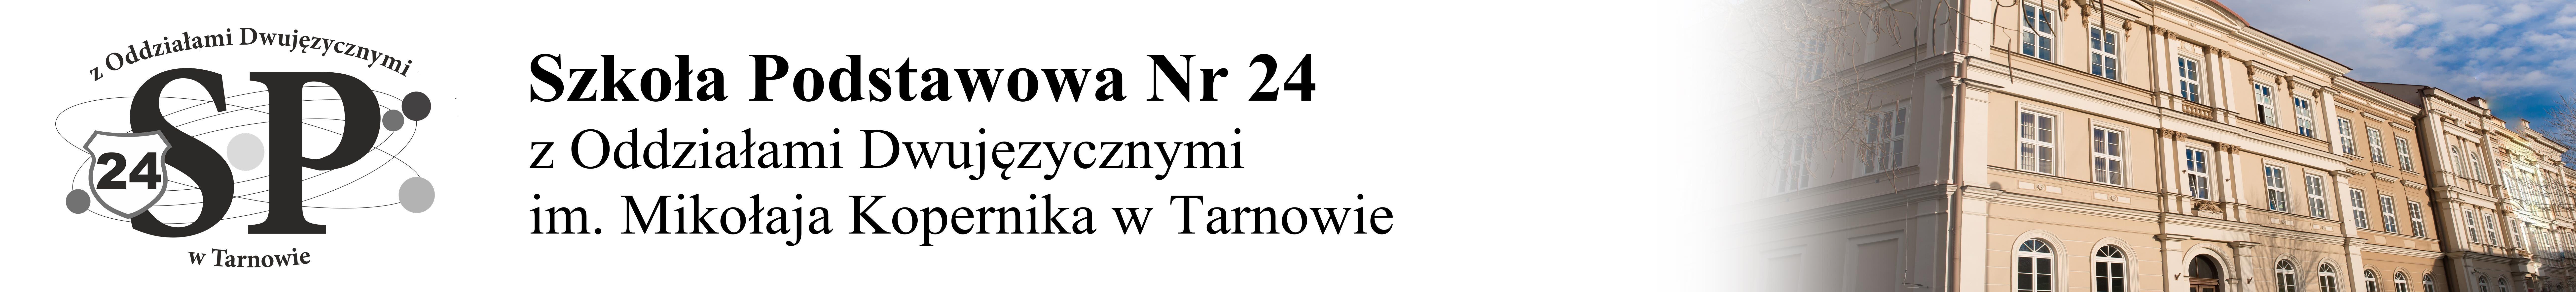 Szkoła Podstawowa Nr 24 z Oddziałami Dwujęzycznymi w Tarnowie